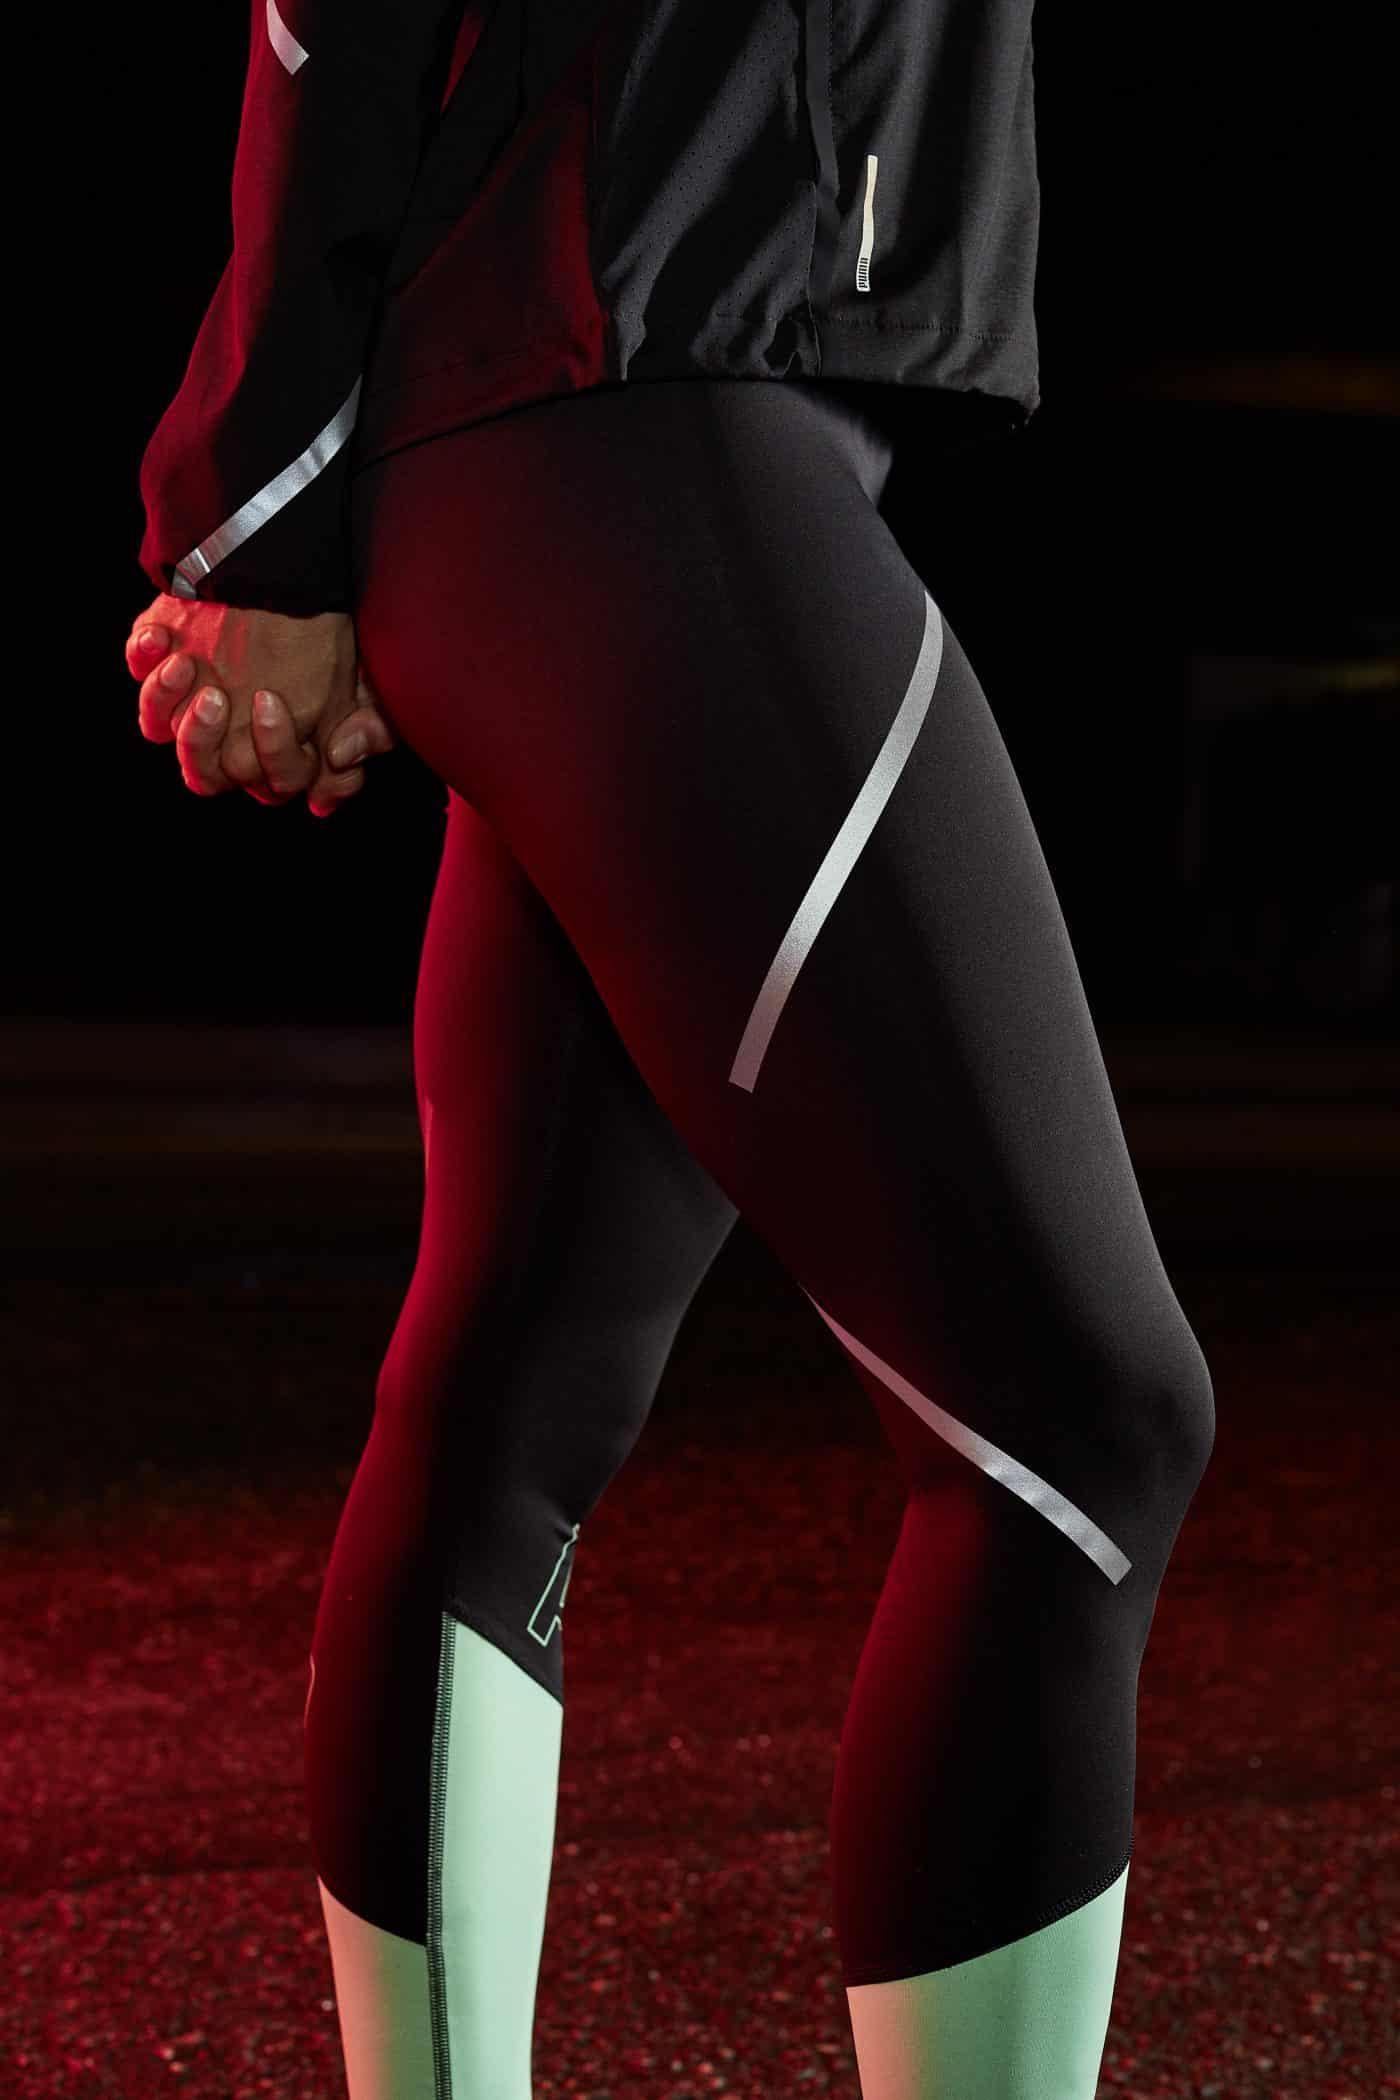 puma-textile-reflechissant-chaussures-running-speed-600-runpack-14